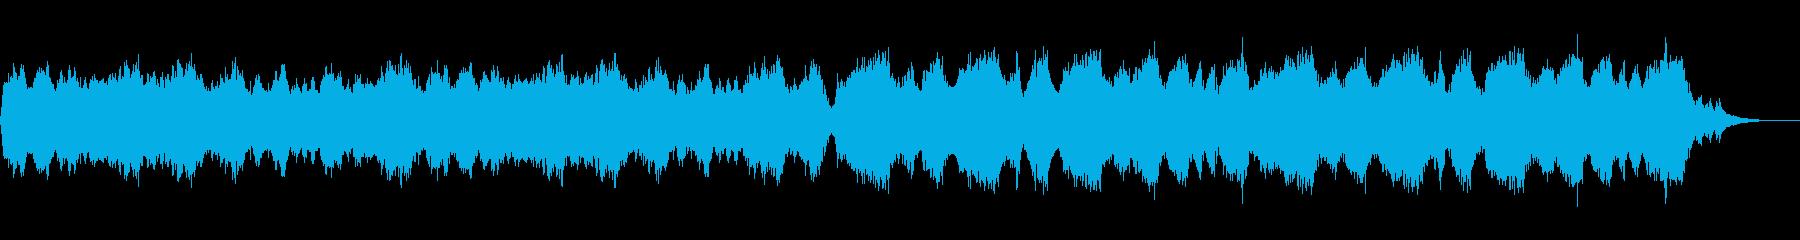 テーマ「涙の疾走」60秒の再生済みの波形